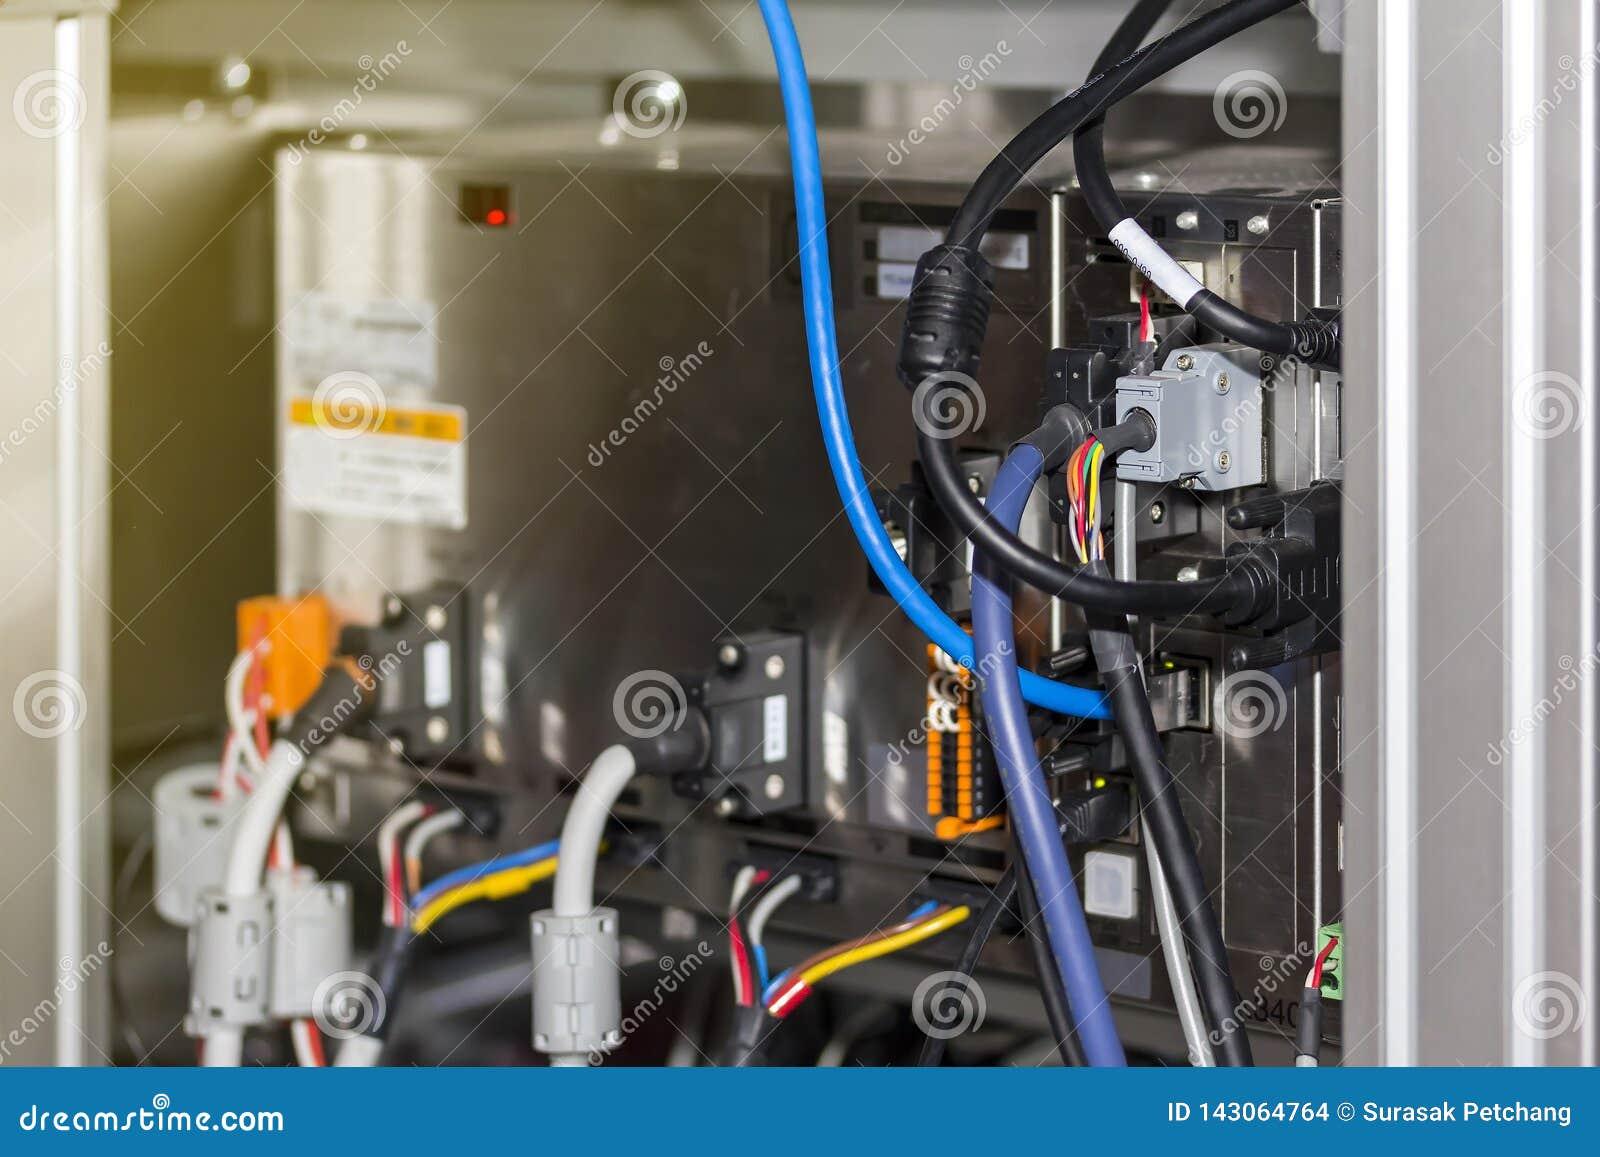 Fil Electrique Relie Au Posterieur De La Boite De Controle D Ordinateur Pour La Machine Industrielle Photo Stock Image Du Boite Ordinateur 143064764